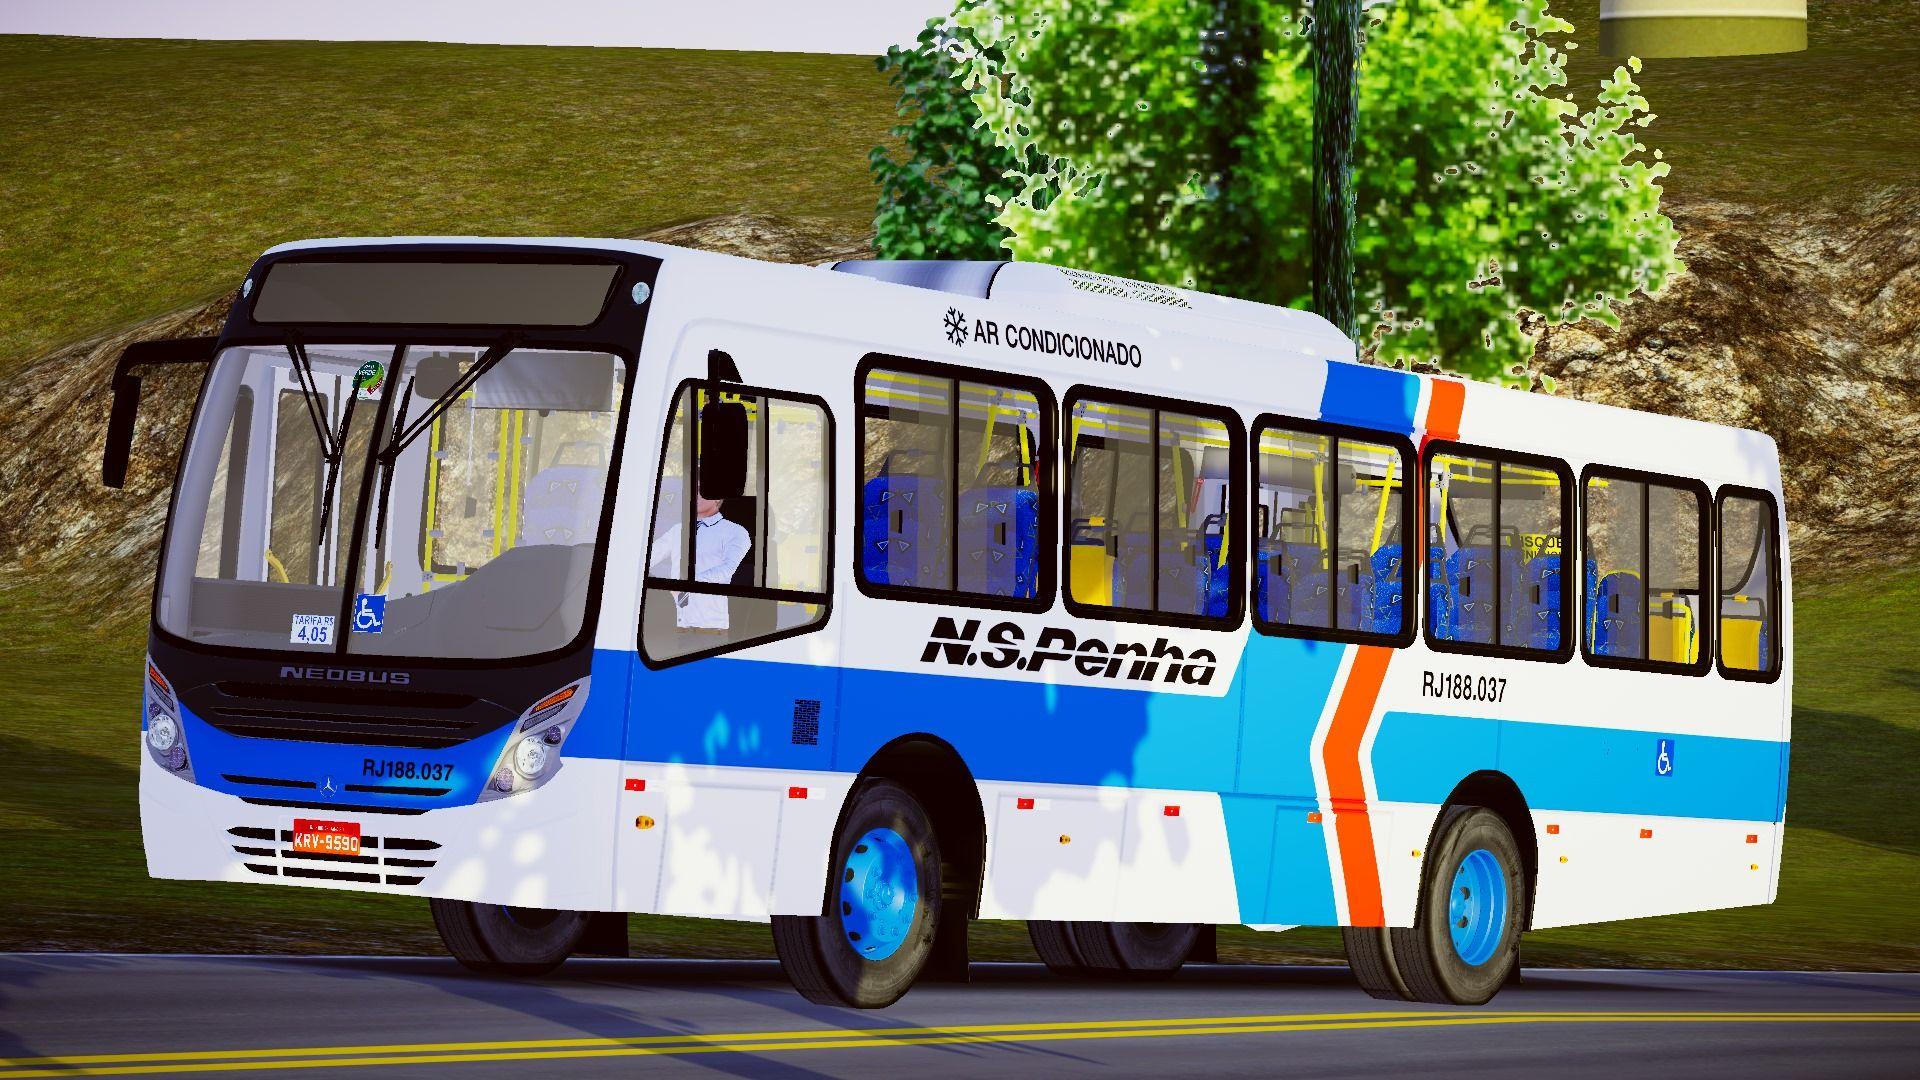 Neobus Mega Plus MB OF-1519 BlueTec 5 – Padrão Viação Nossa S. Penha (Fase 2) para Proton Bus Simulator/Road